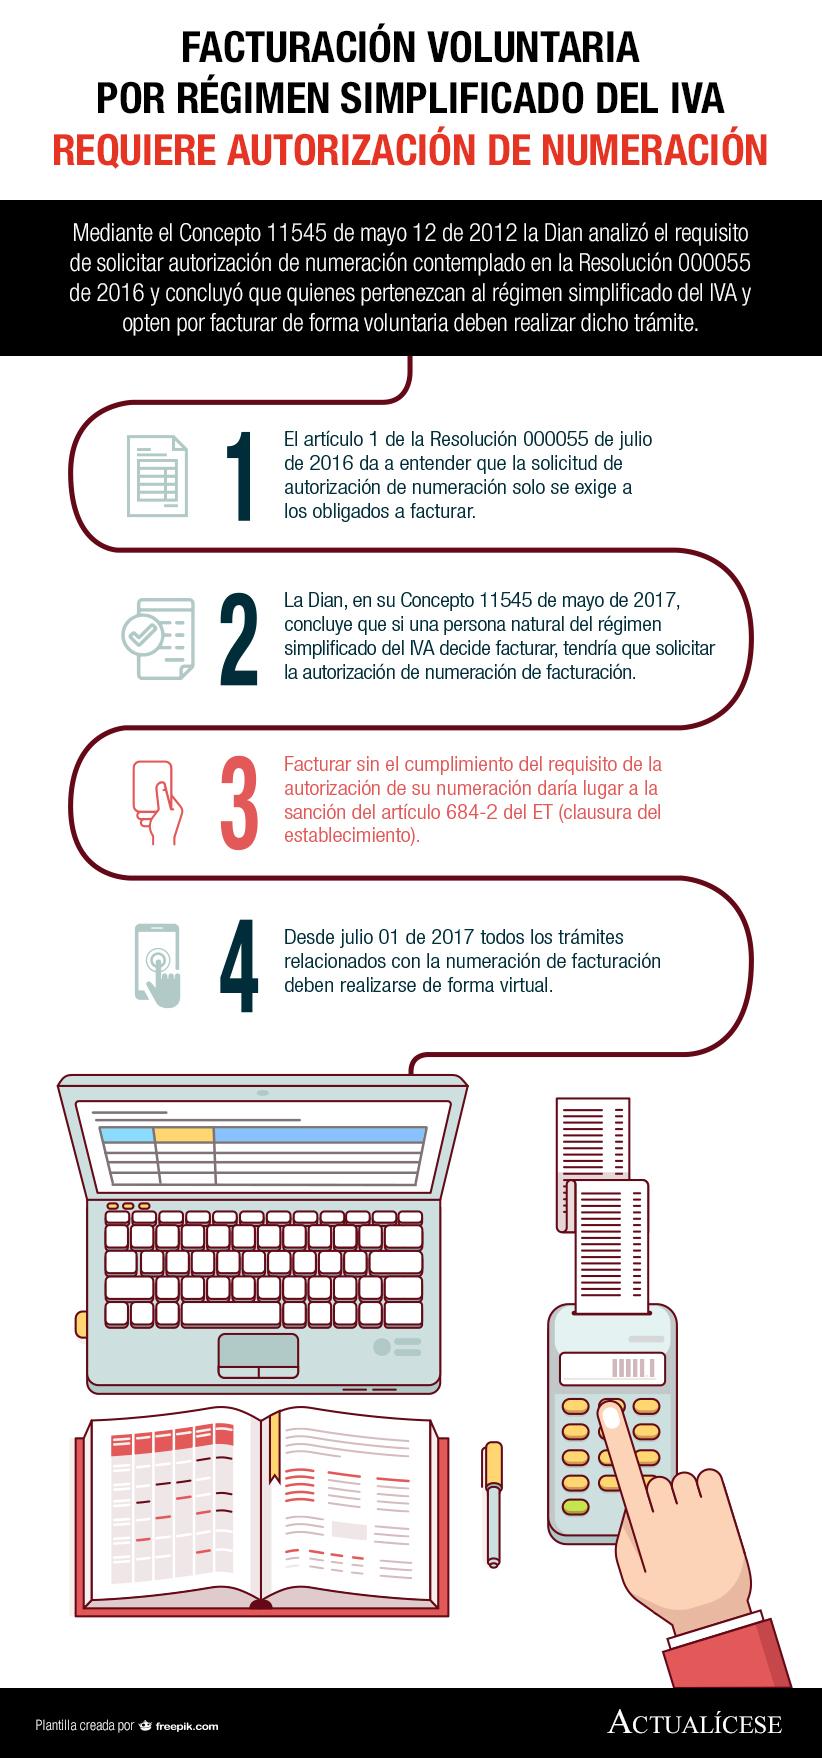 [Infografía] Facturación voluntaria por régimen simplificado del IVA requiere autorización de numeración